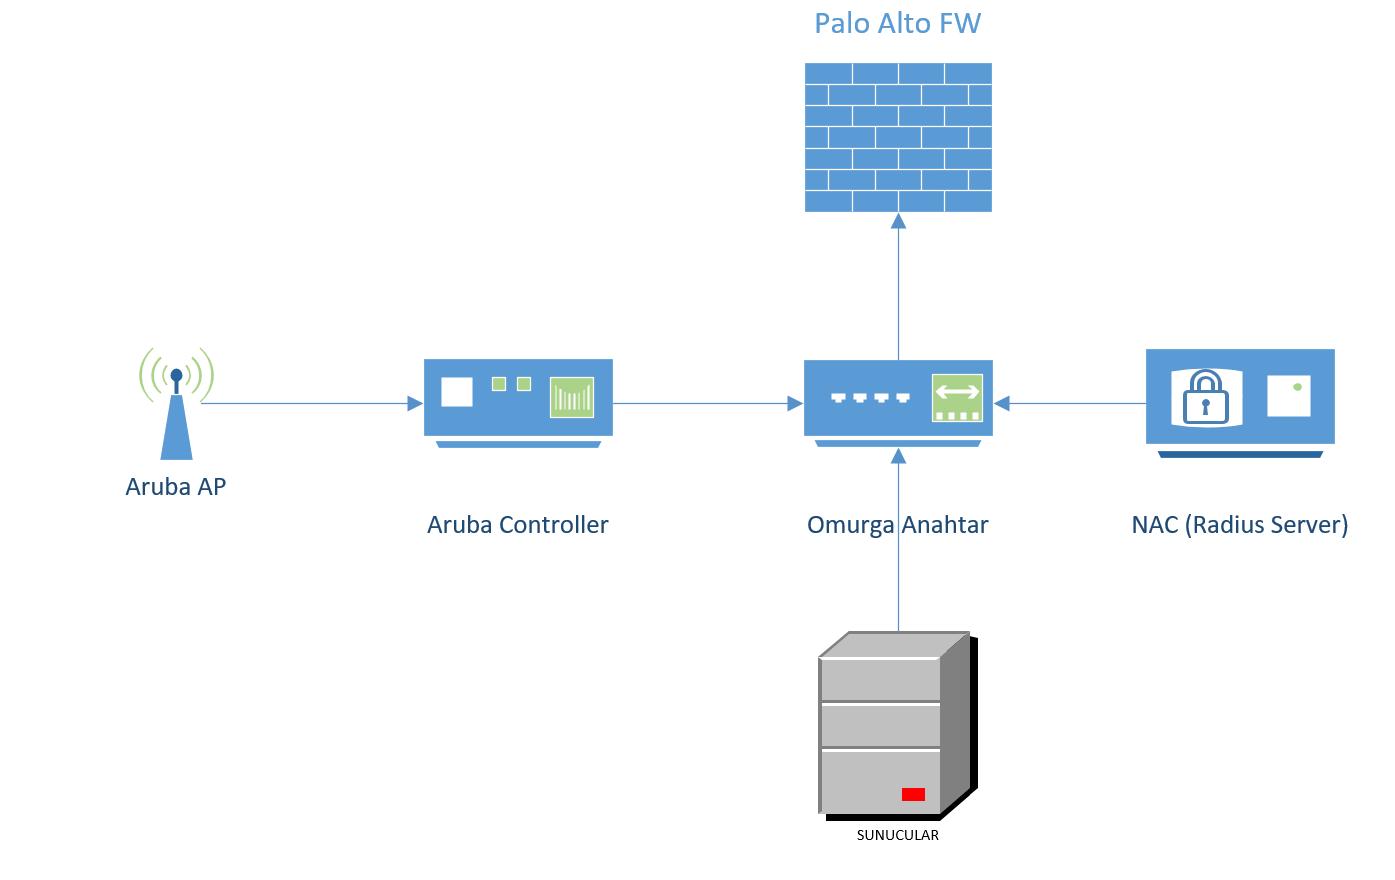 Palo alto aruba controller 1